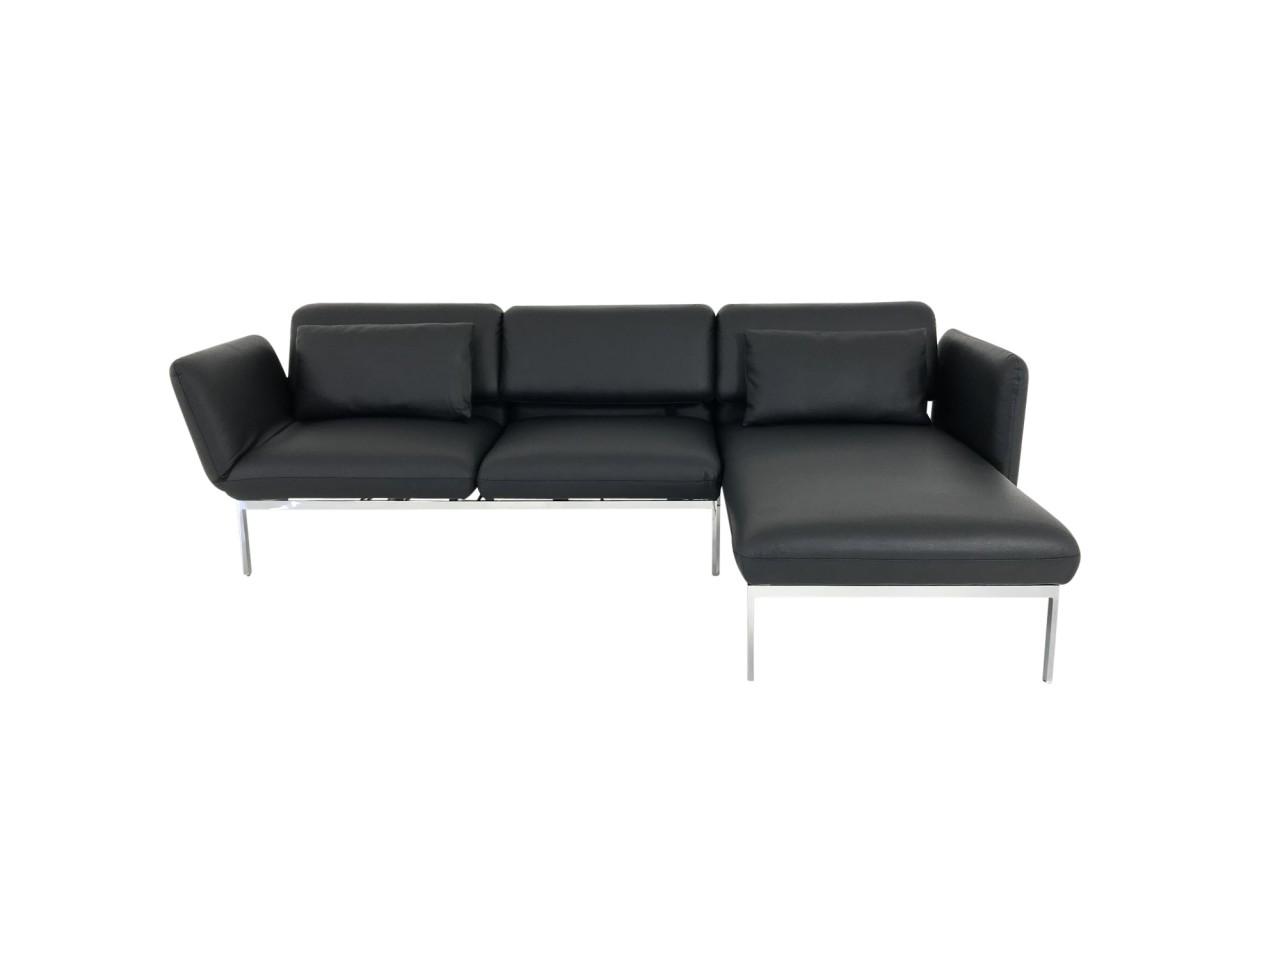 Brühl RORO medium Sofa mit Recamiere in Leder Unit schwarz mit Gestell mattchrom